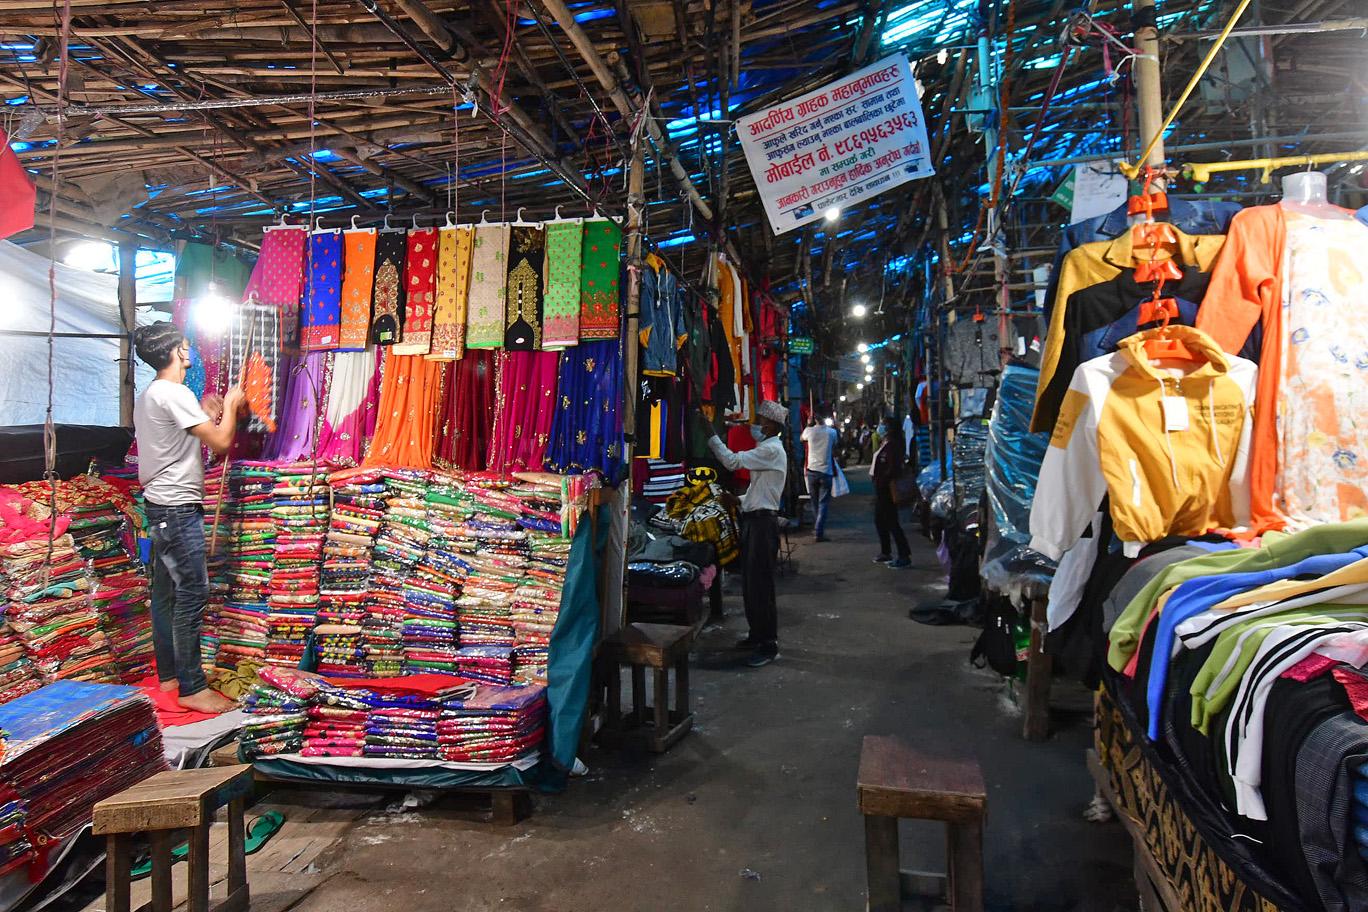 कोरोनाले बदलेको दैनिकी : बजार सुनसान, अनलाइन बुकिङमा भीड